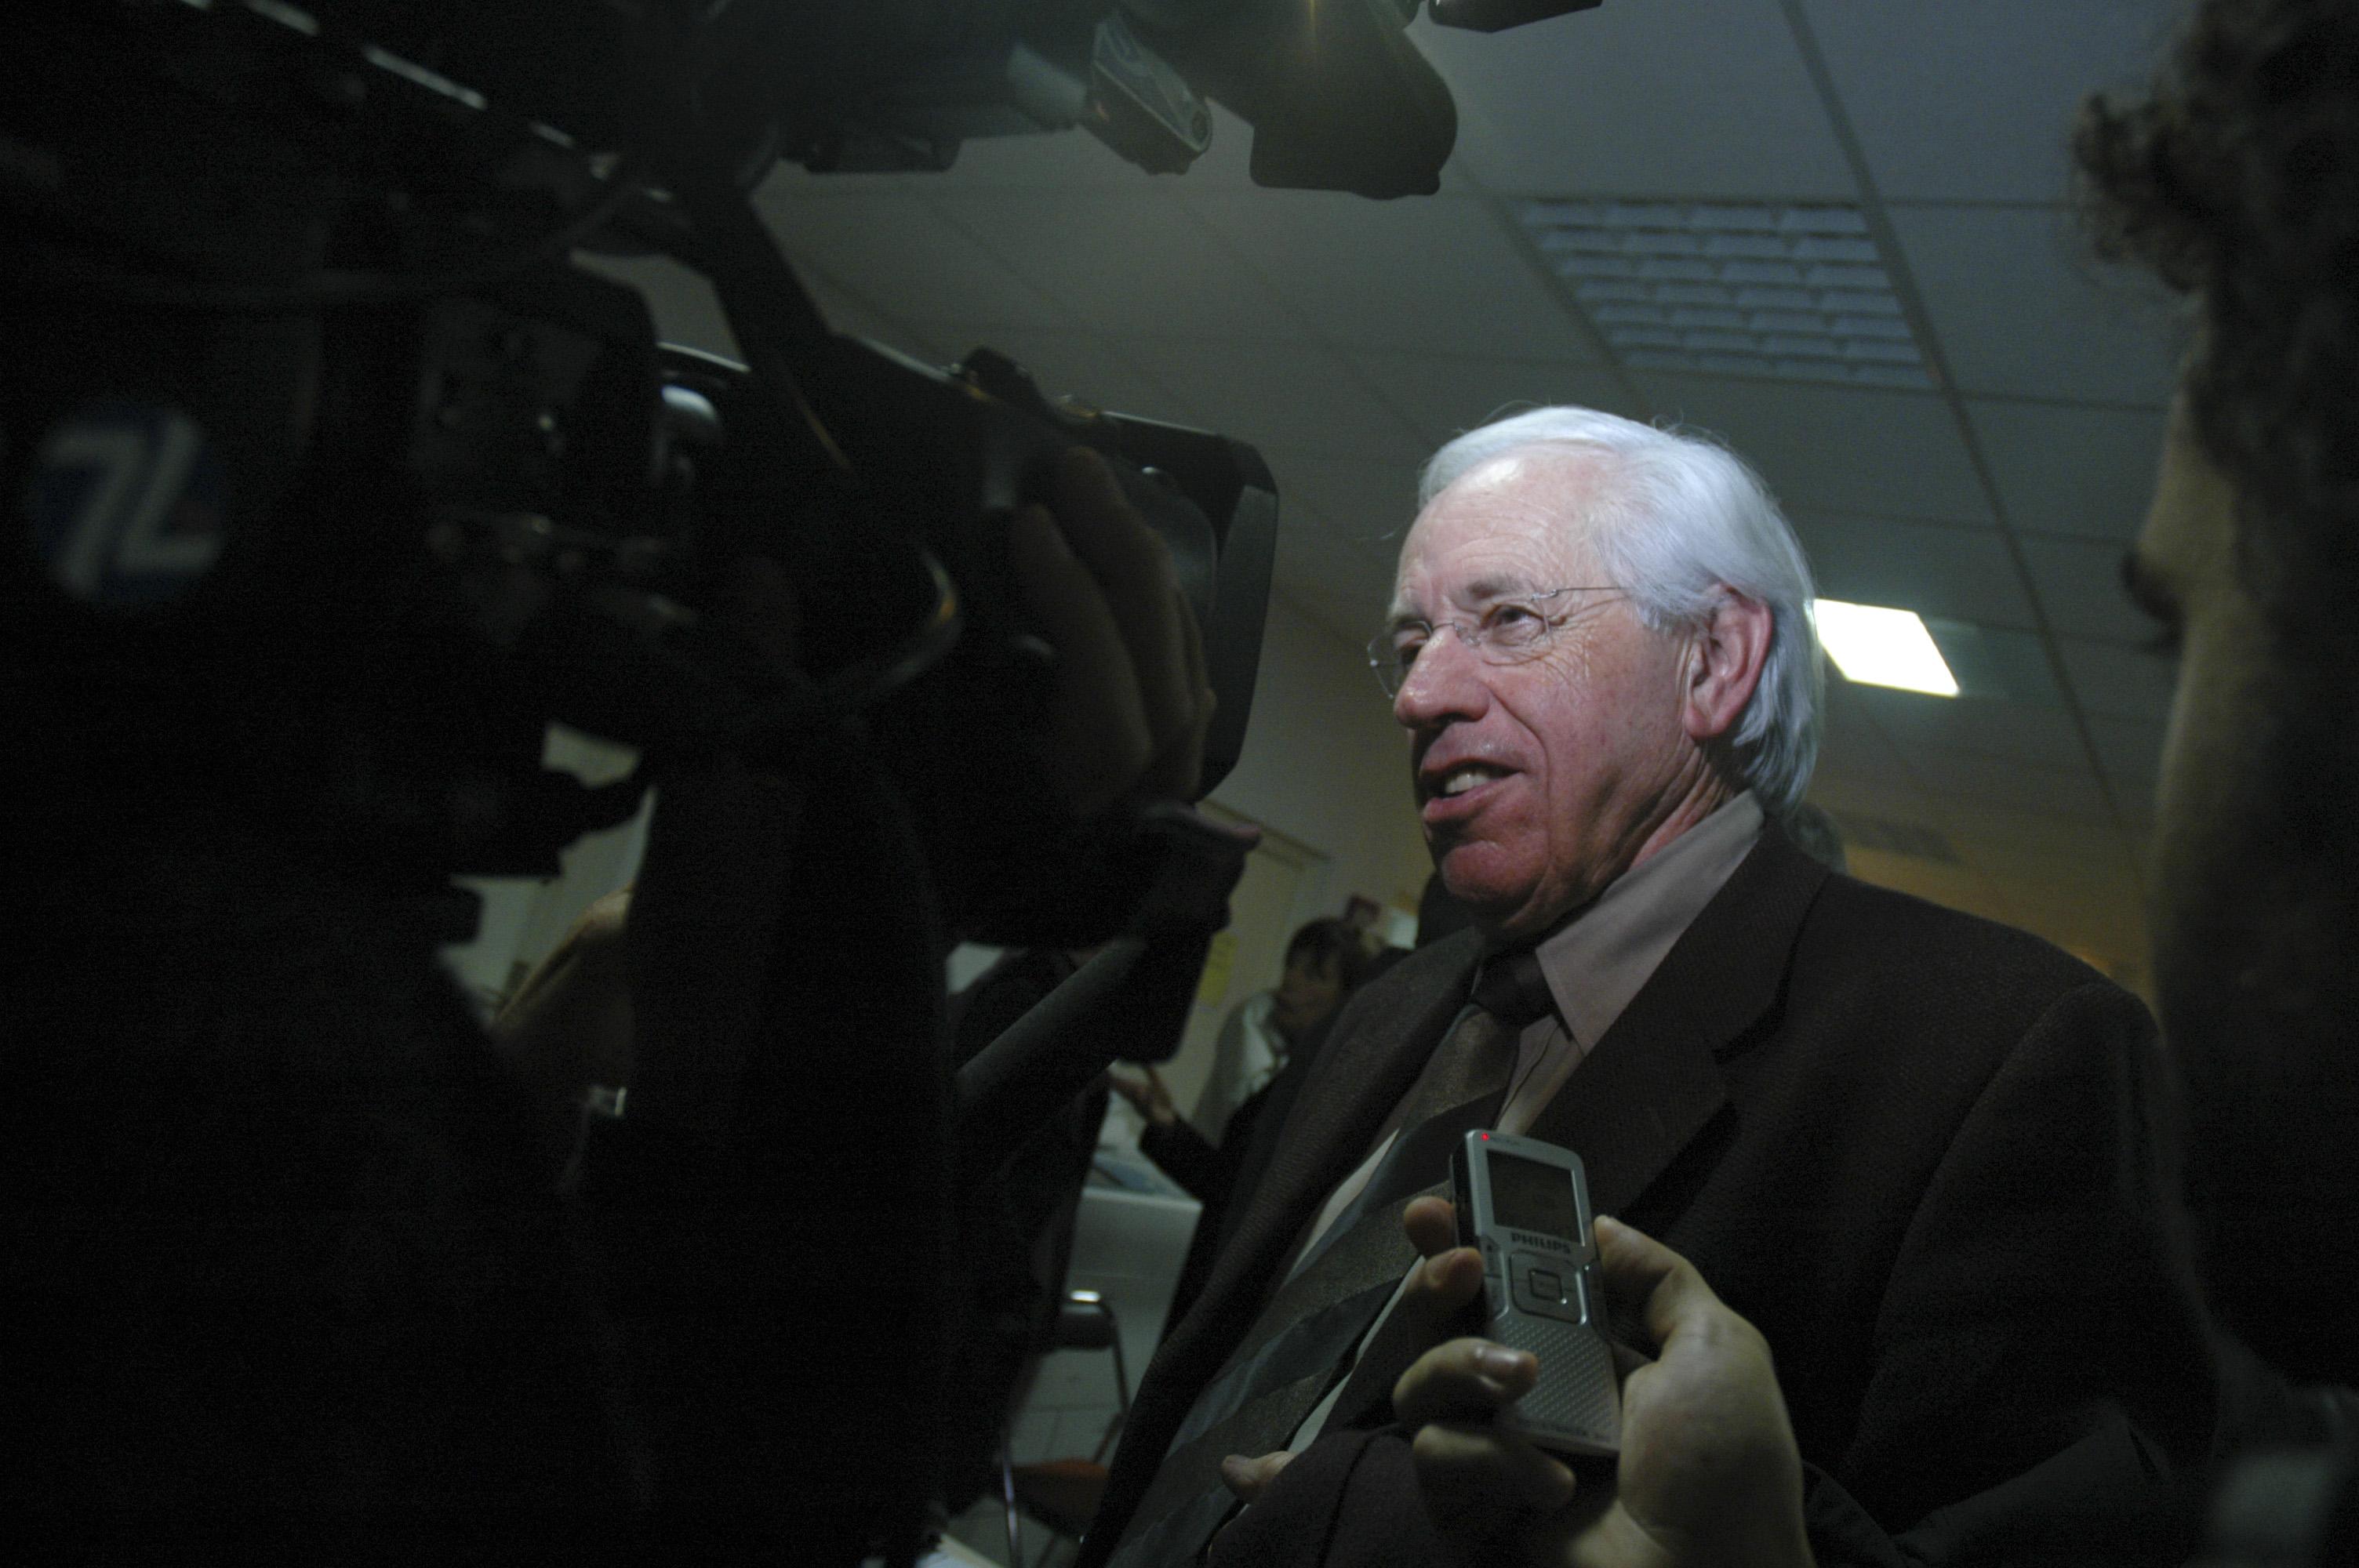 Soutien inconditionnel de Michel Guibal, André Vézinhet considère le score de 42% de son poulain comme une mise en garde adressée à Robert Navarro.